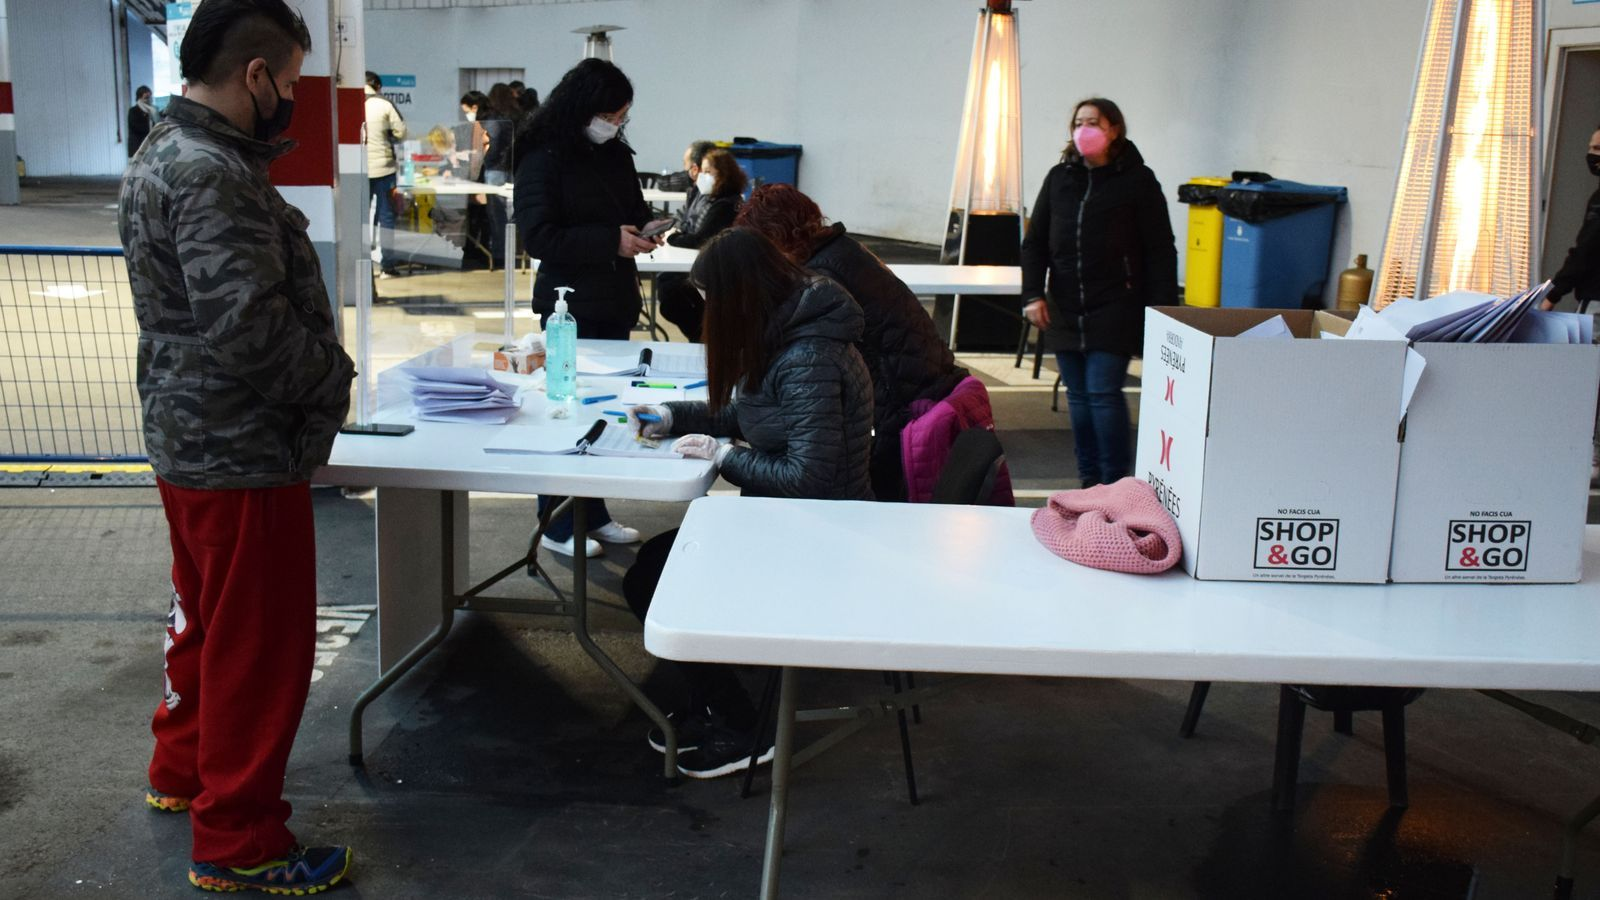 El punt de recollida des tests d'antígens ubicat a l'antiga plaça de Braus d'Andorra la Vella. / M. P. (ANA)